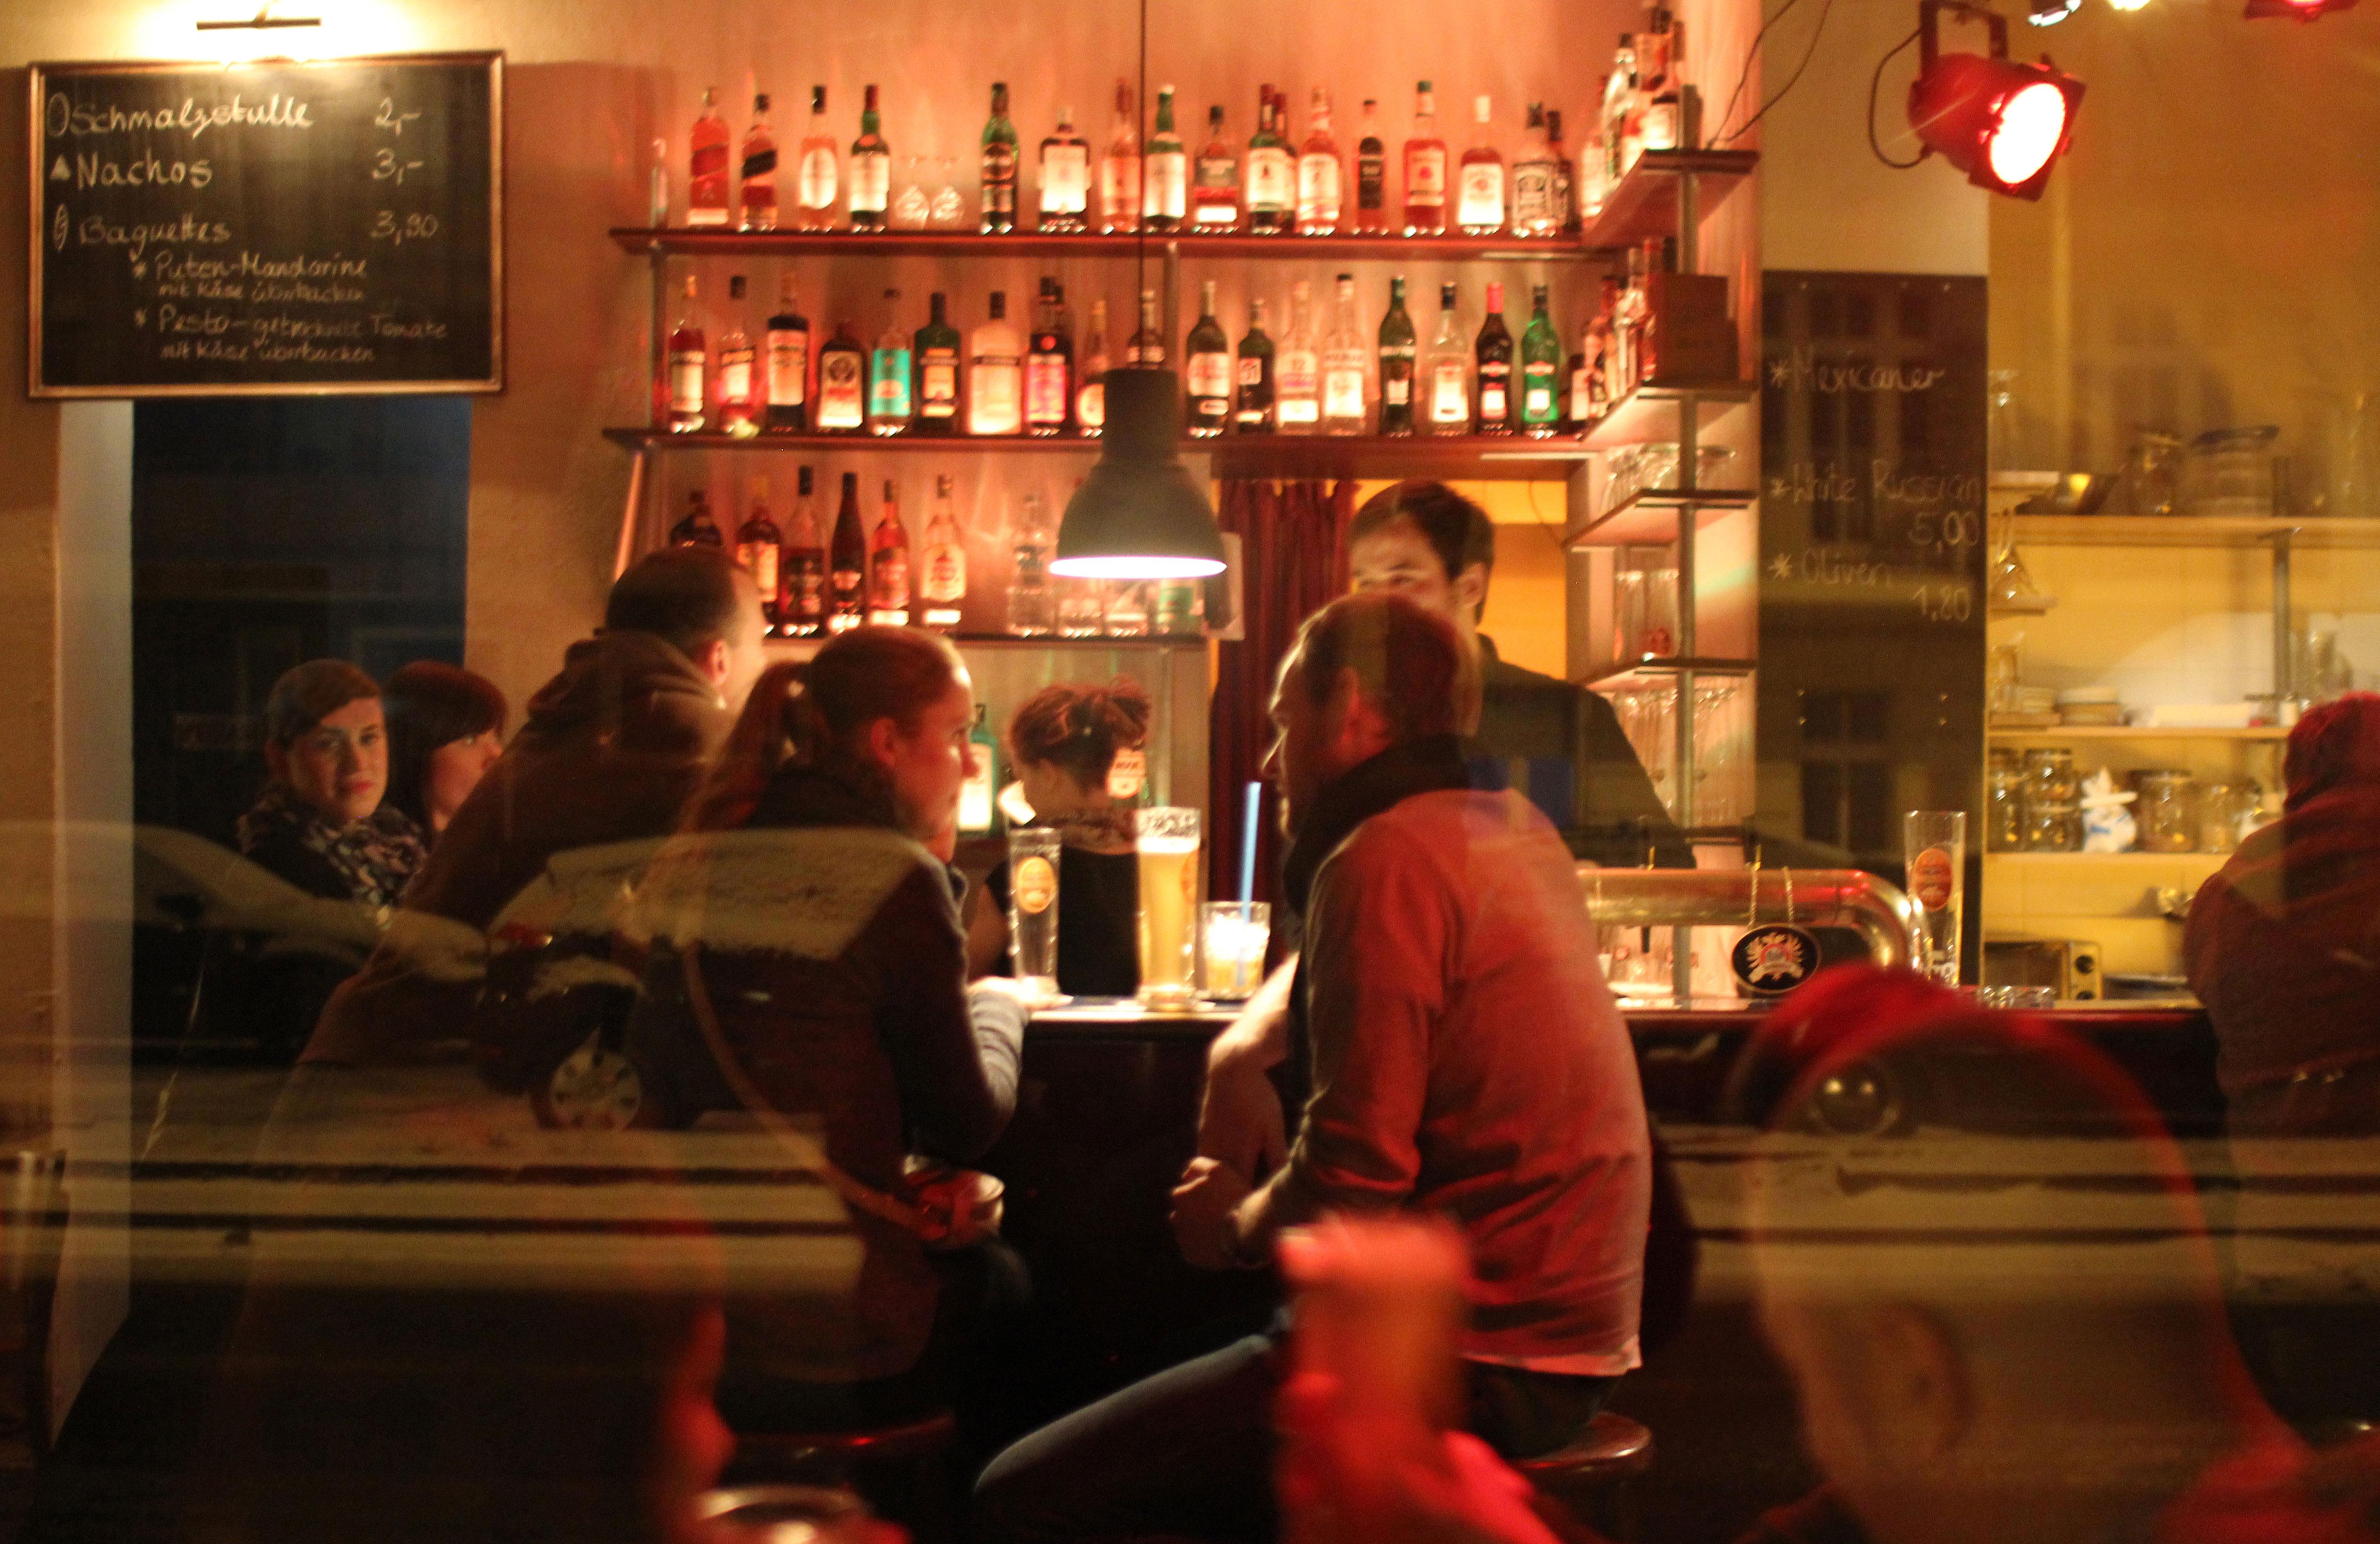 Gäste genießen einen Abend an der Bar im Blaumilchkanal